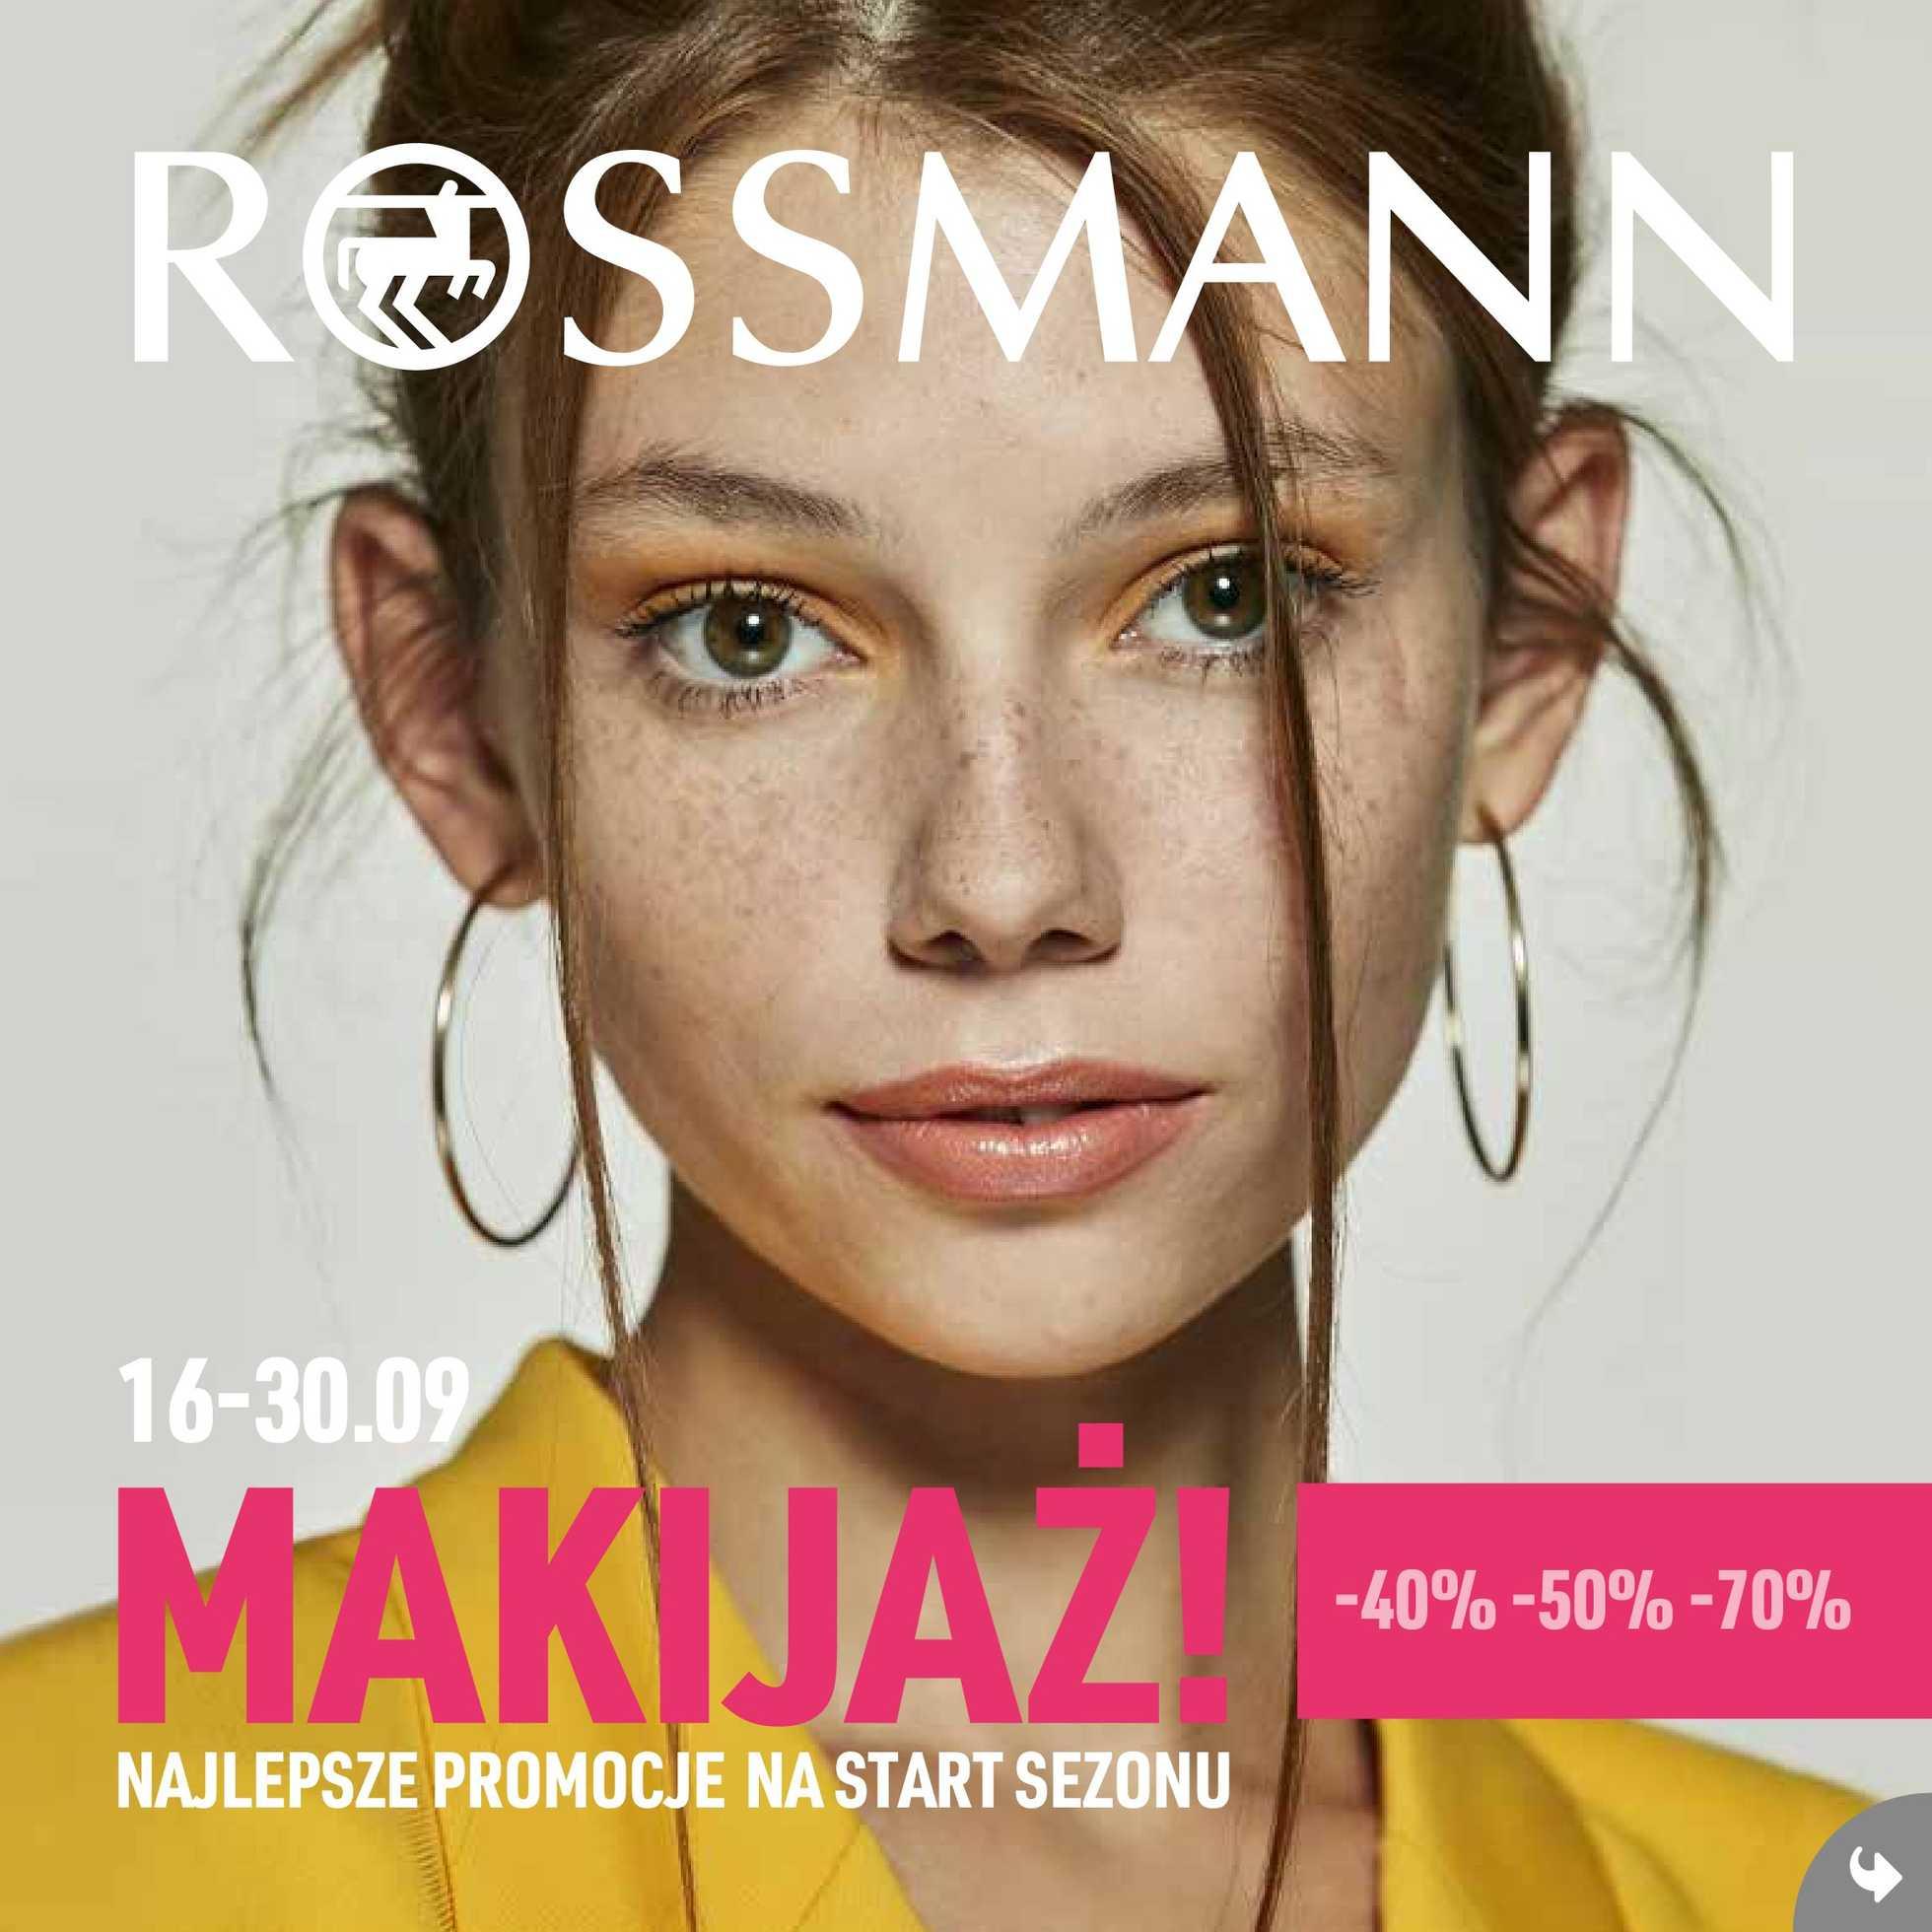 Rossmann - gazetka promocyjna ważna od 16.09.2019 do 30.09.2019 - strona 1.